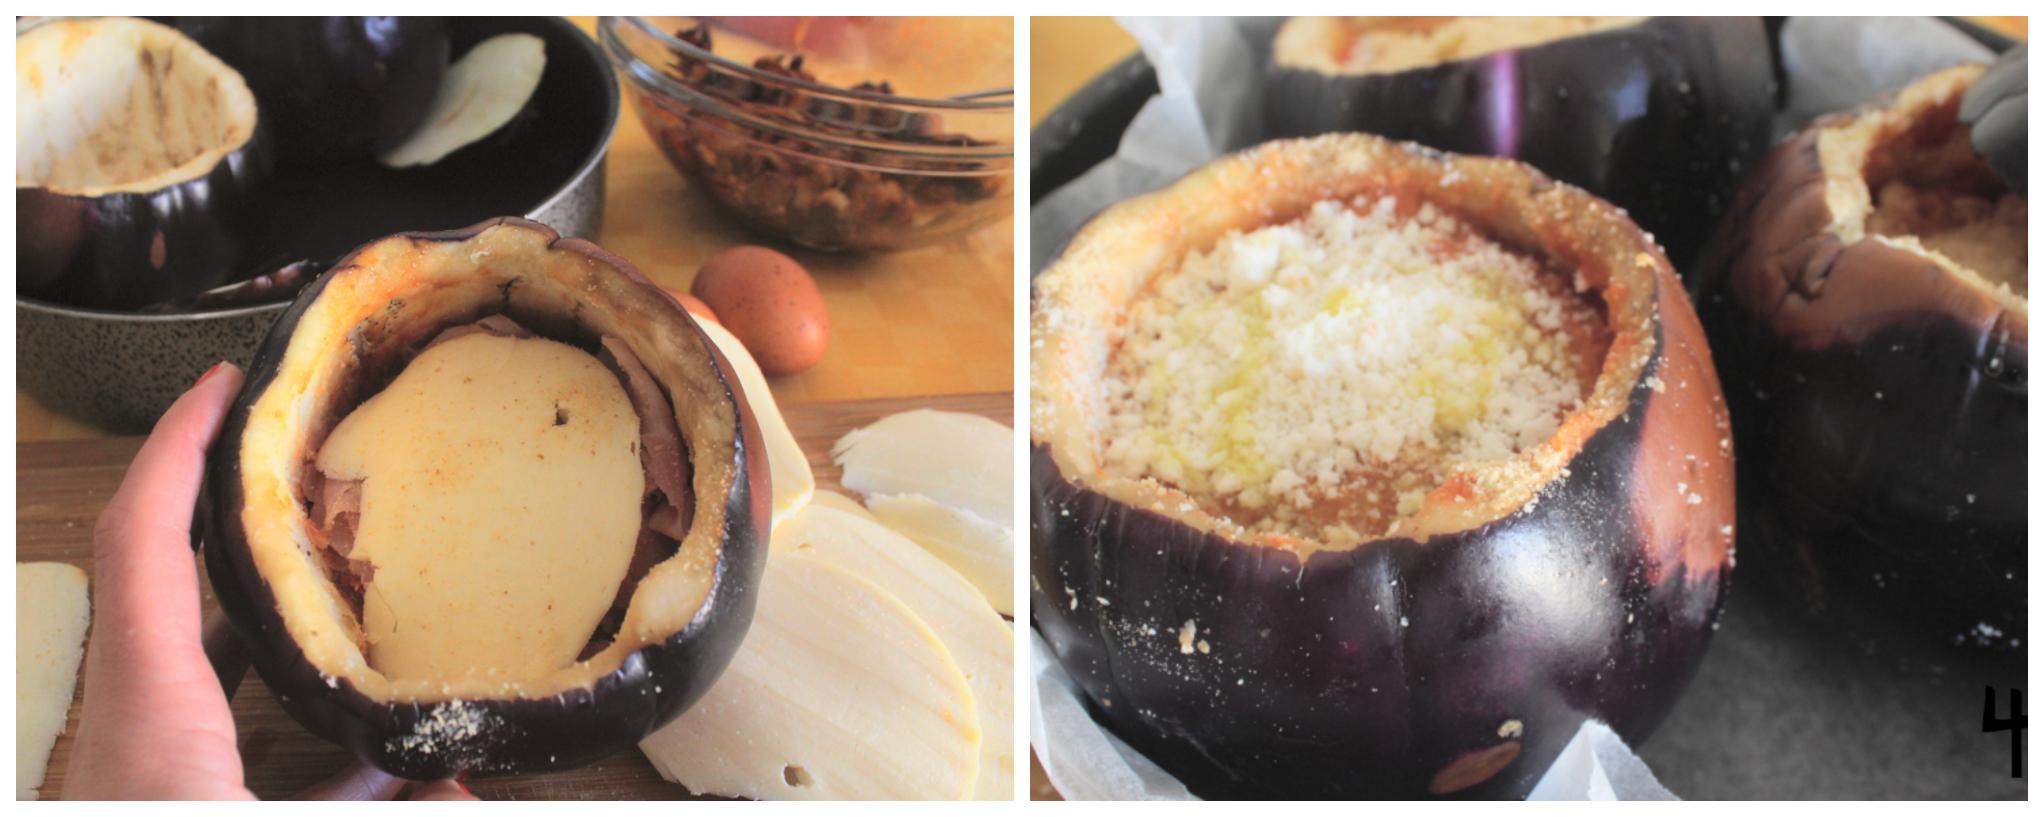 melanzana ripiena alla parmigiana collage